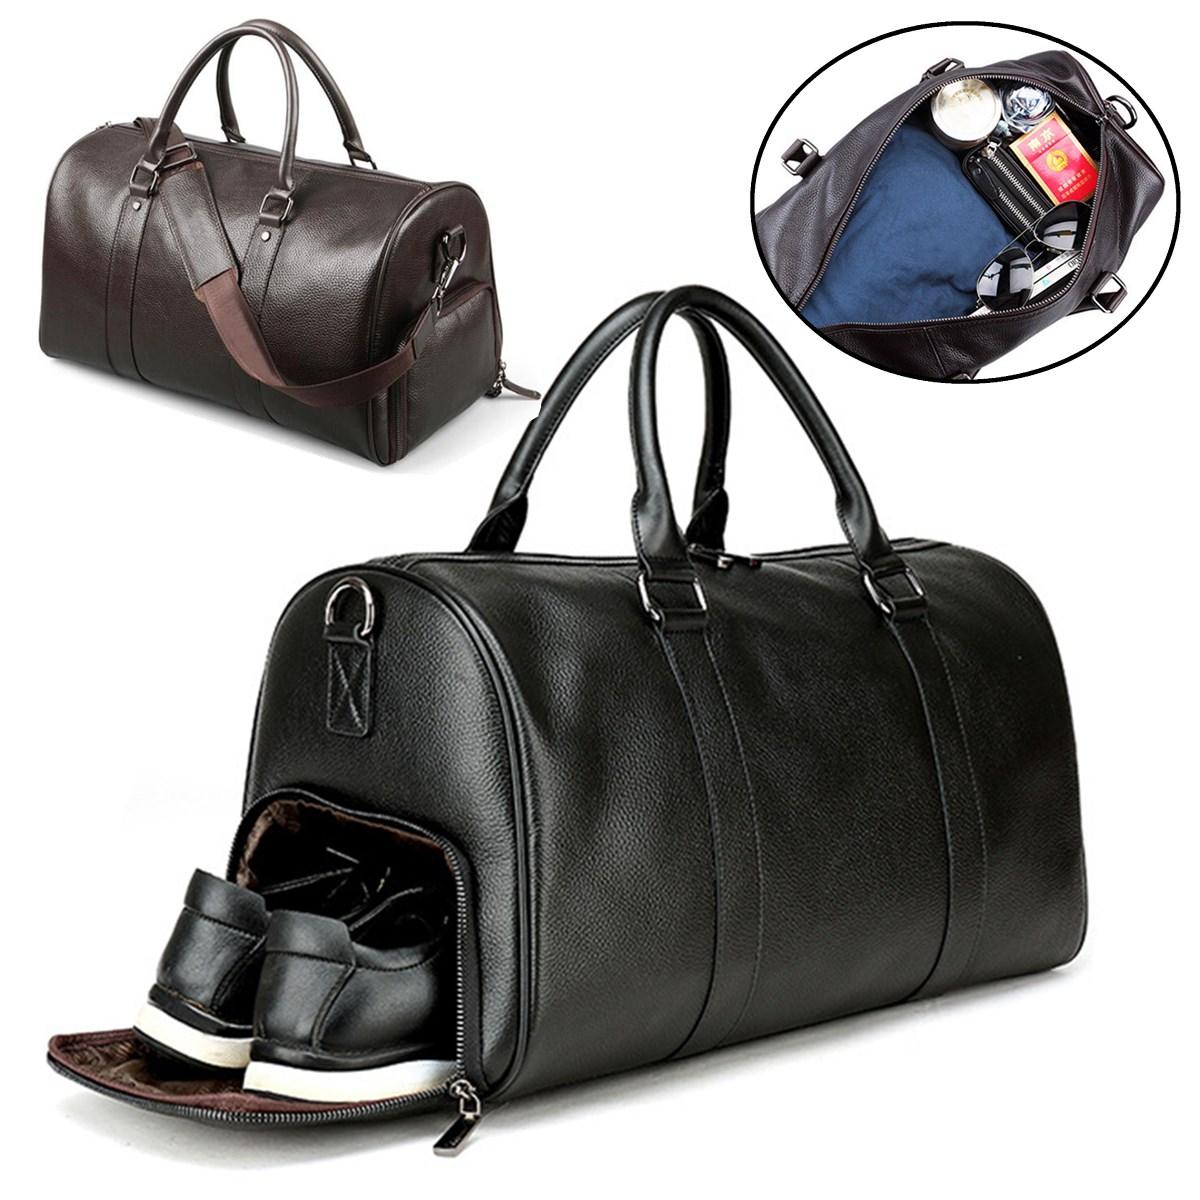 1e2ea7ec227c Details about Men Leather Gym Duffel Shoulder Bag Travel Overnight Luggage  Large Handbag Tote